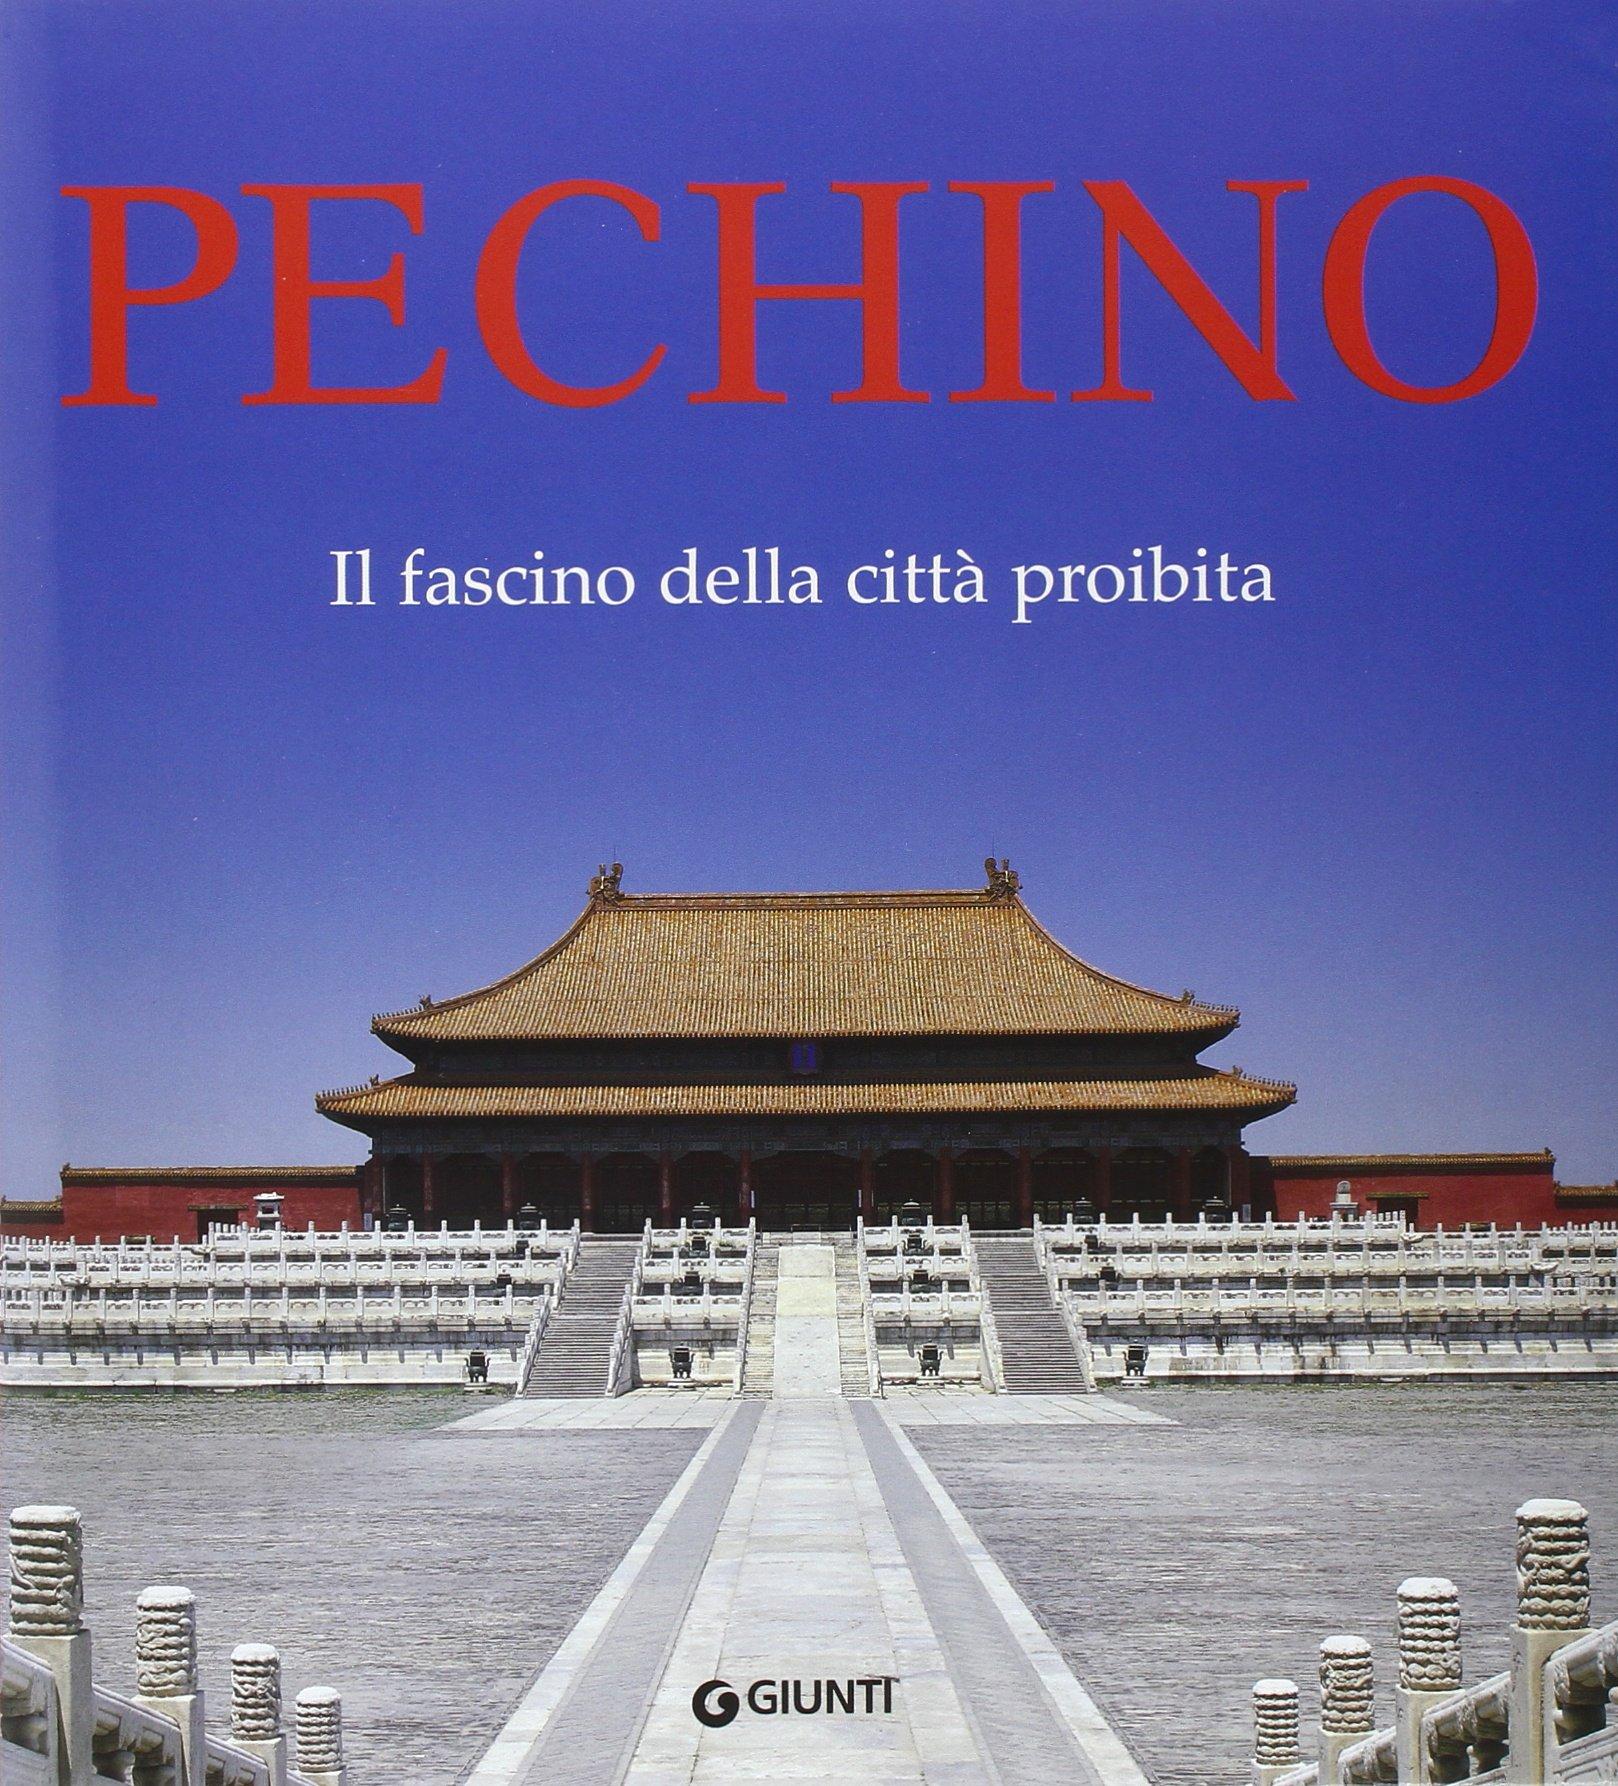 Pechino. Il fascino della città proibita Copertina flessibile – 16 mag 2005 G. Fossi Giunti Editore 8809044290 Cina